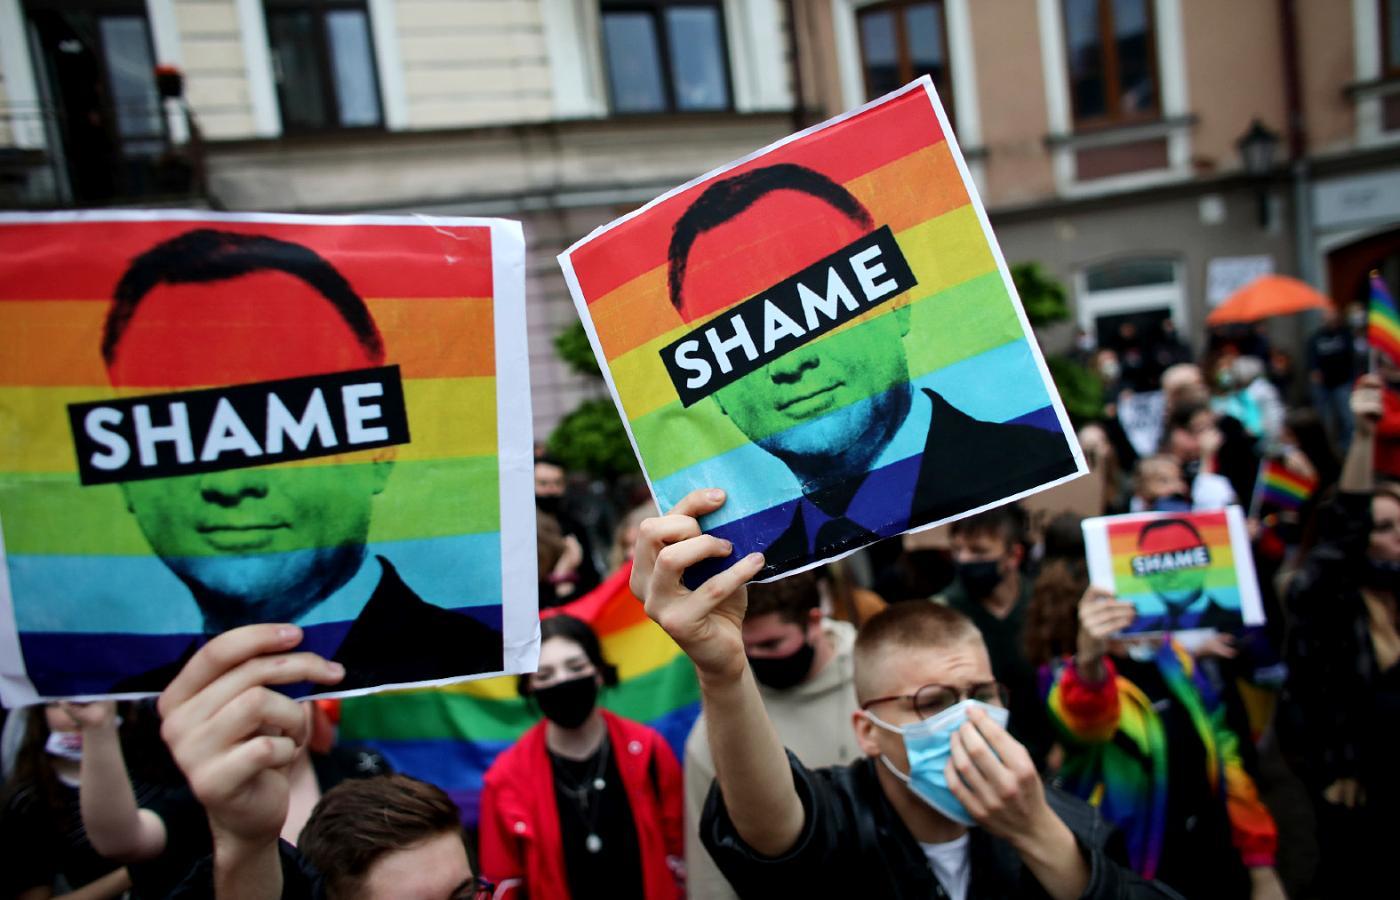 Польща: сила соціальних медіа